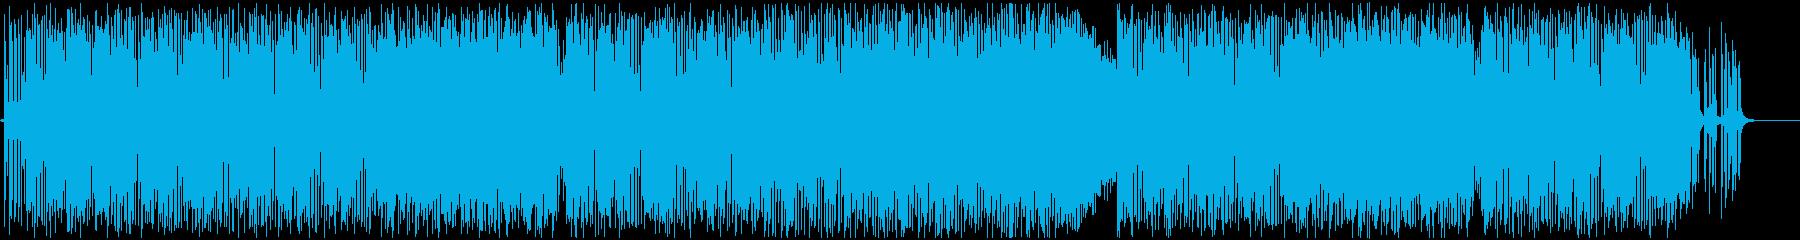 サックスとギターバンドのチル、Lo-fiの再生済みの波形